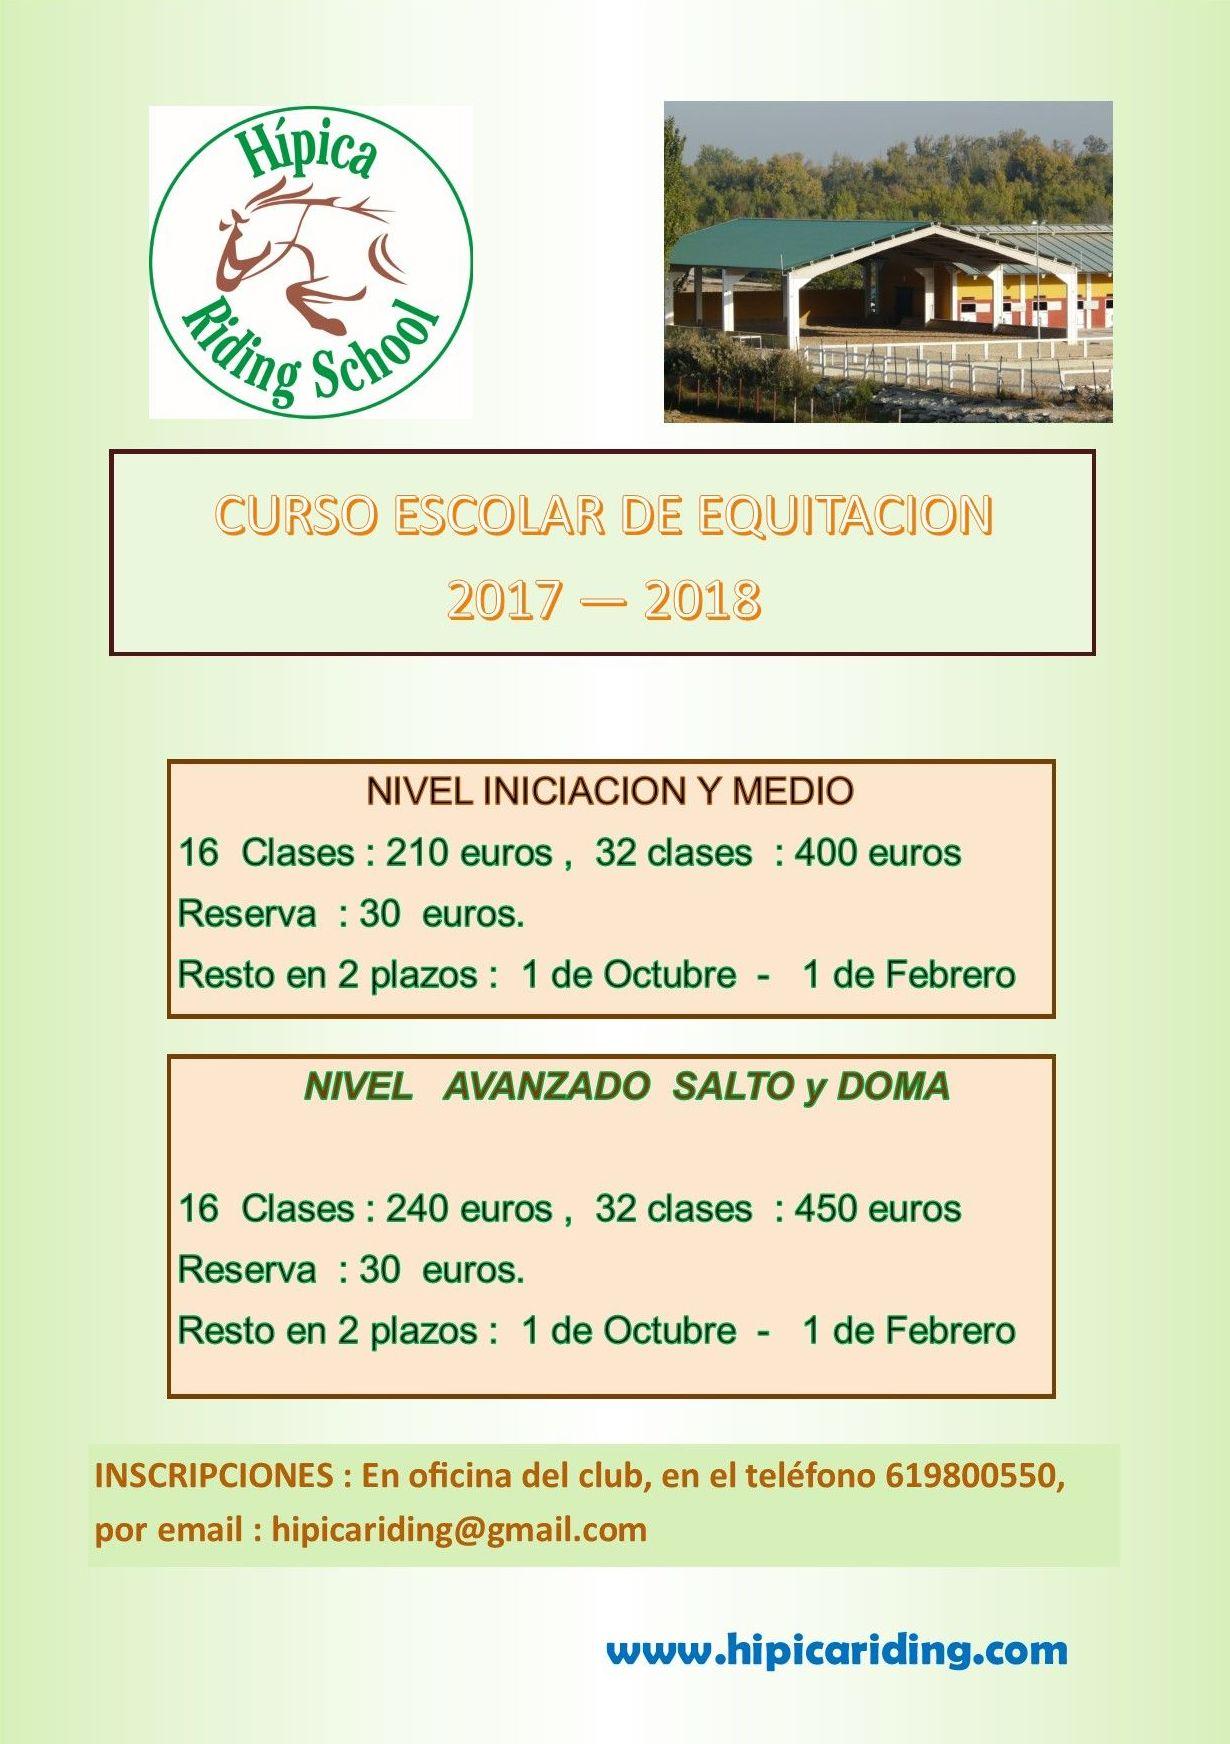 Clases de equitación Zaragoza